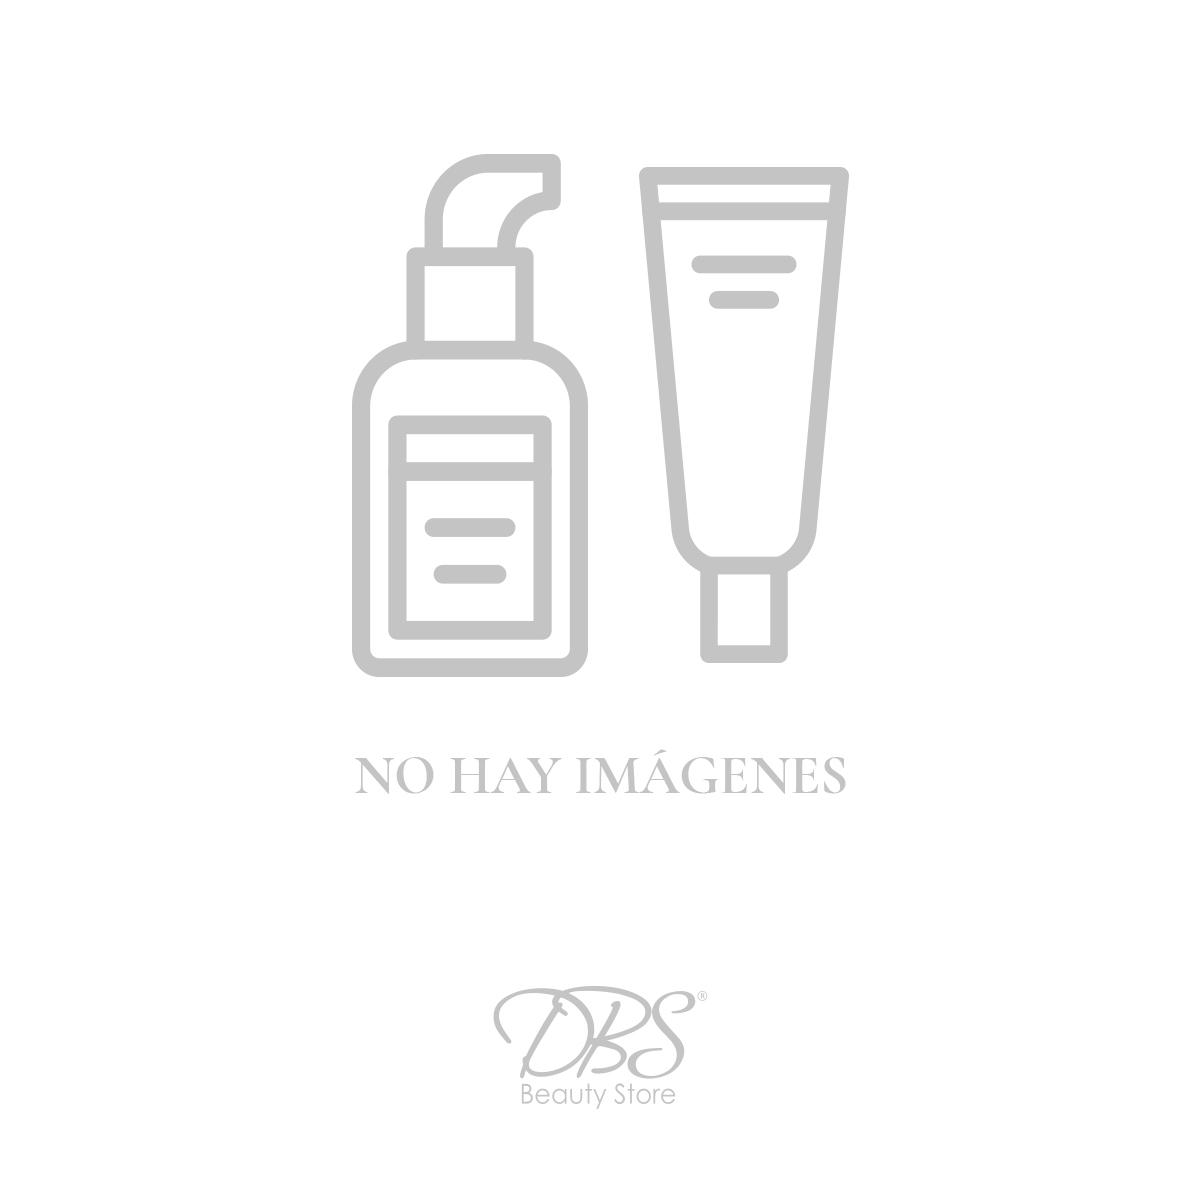 dbs-cosmetics-DBS-OS3375-MP.jpg